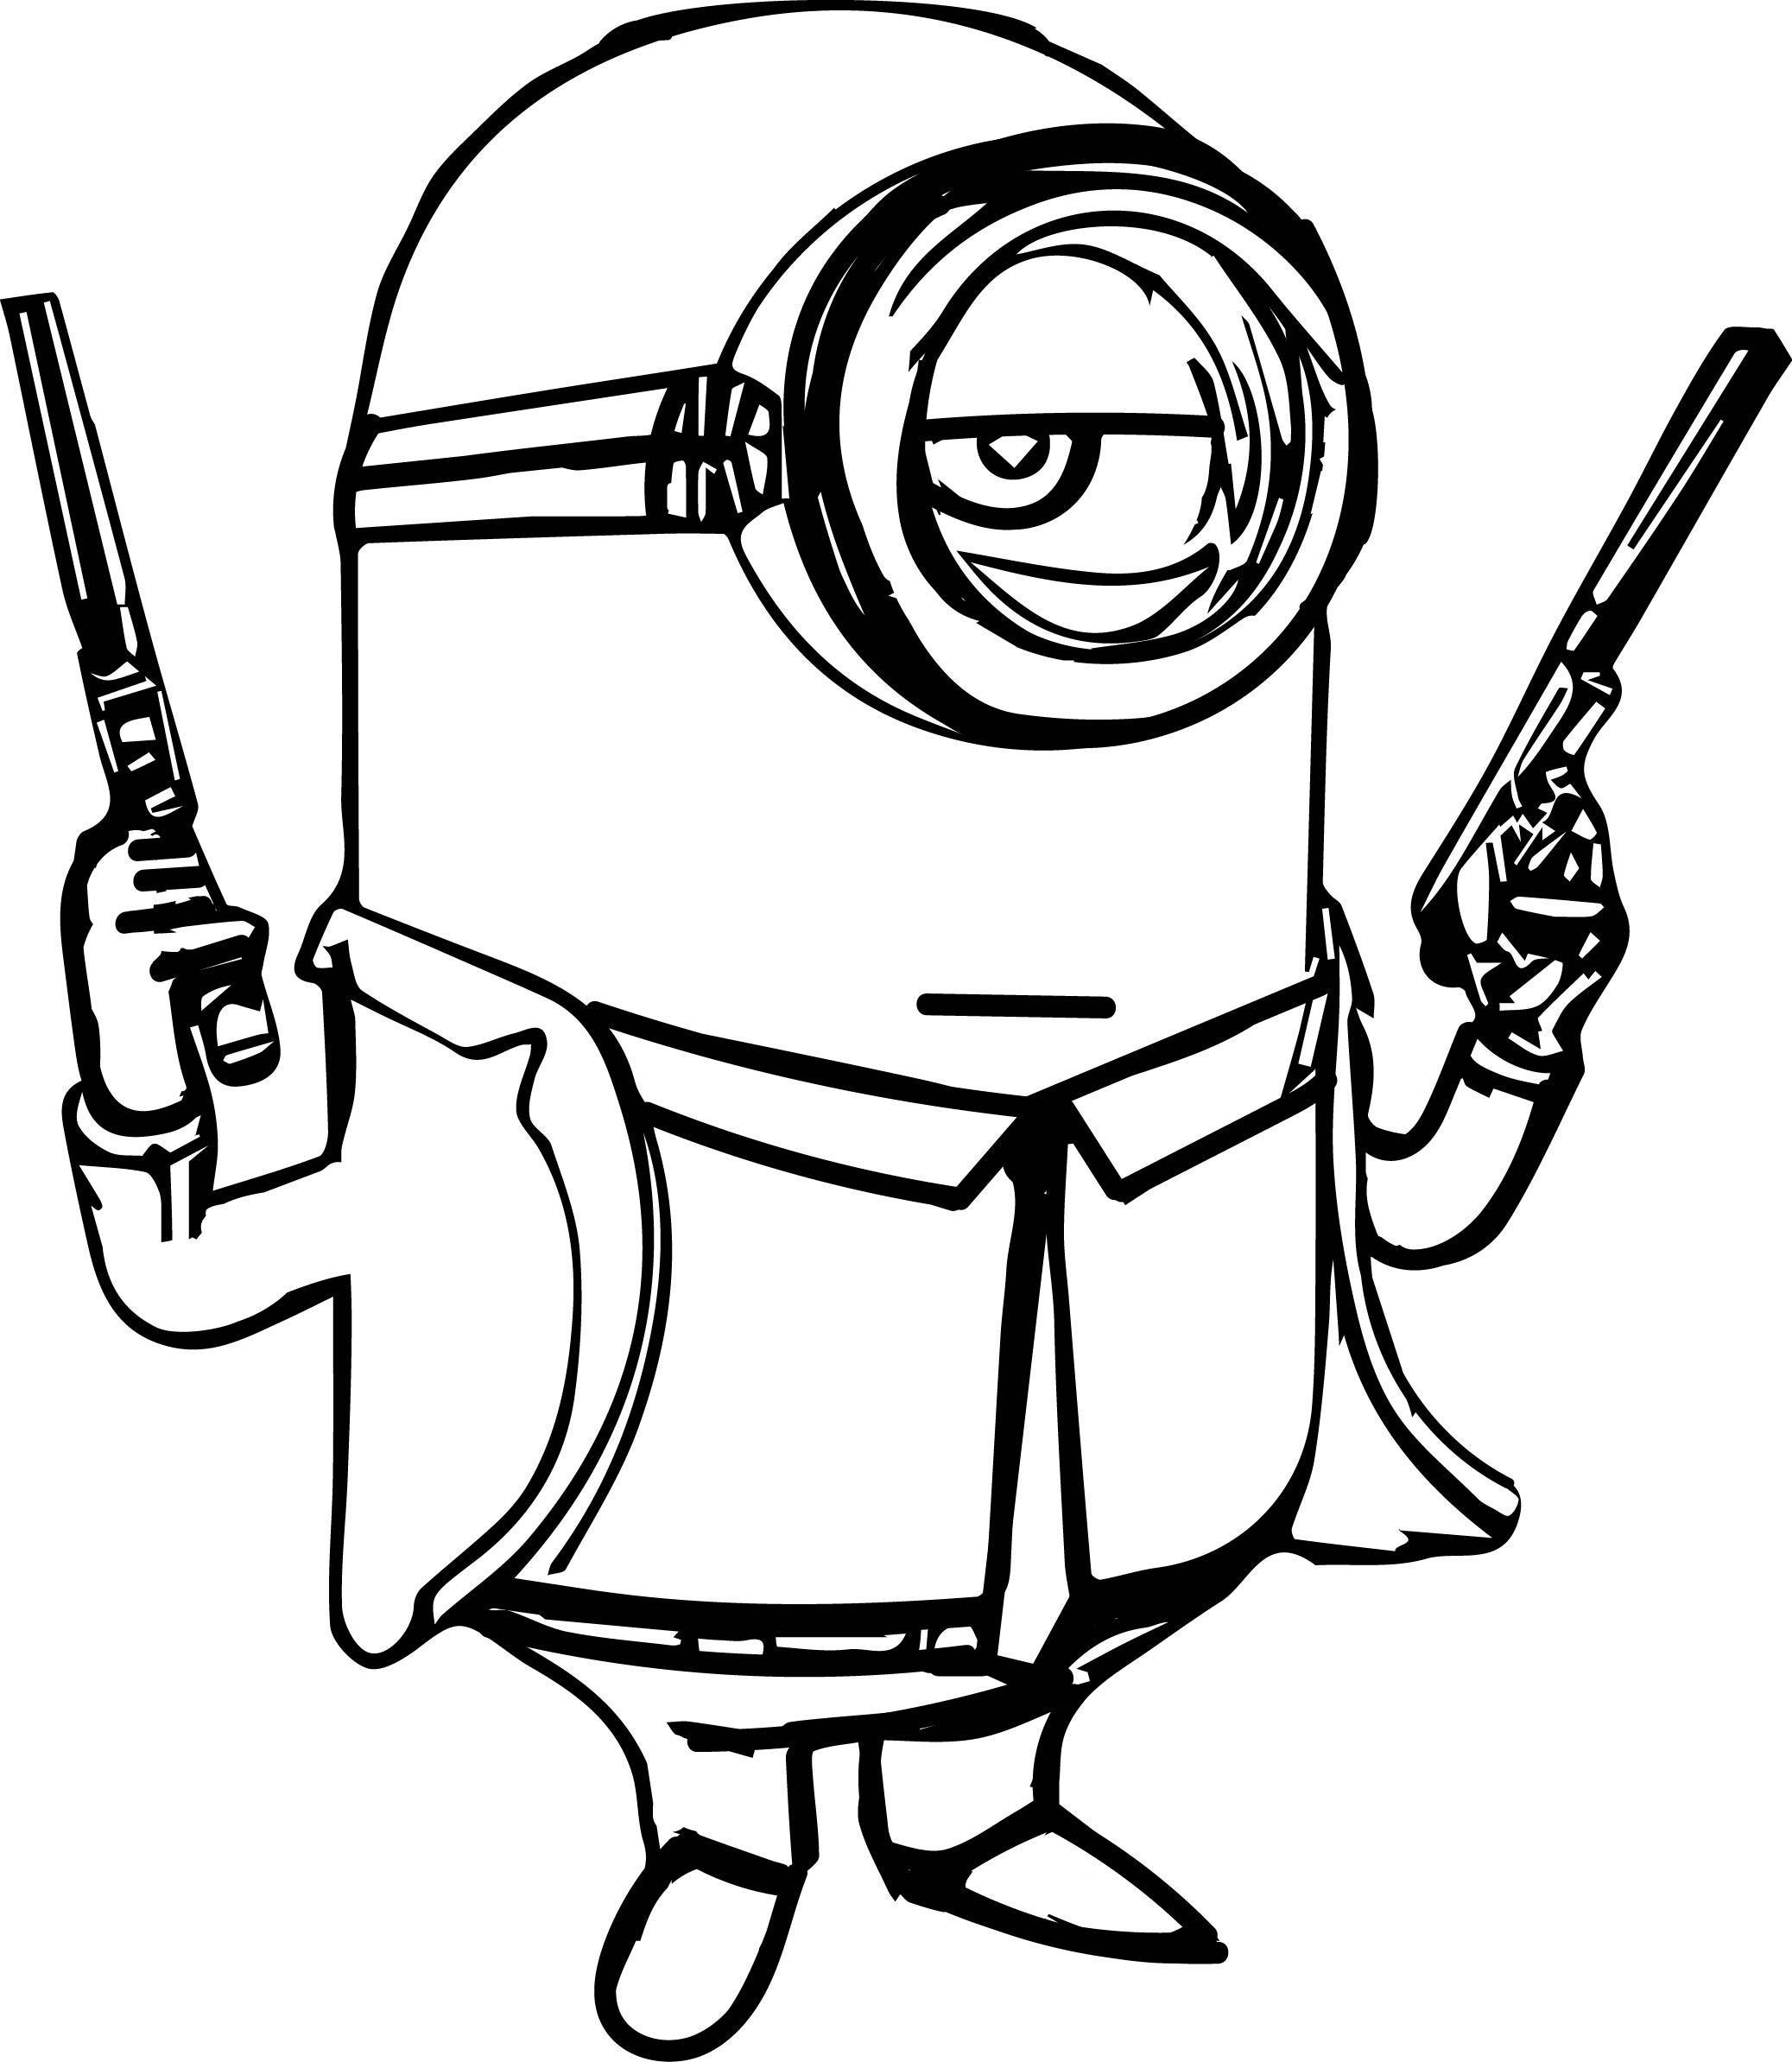 Minion-Gun-Coloring-Page